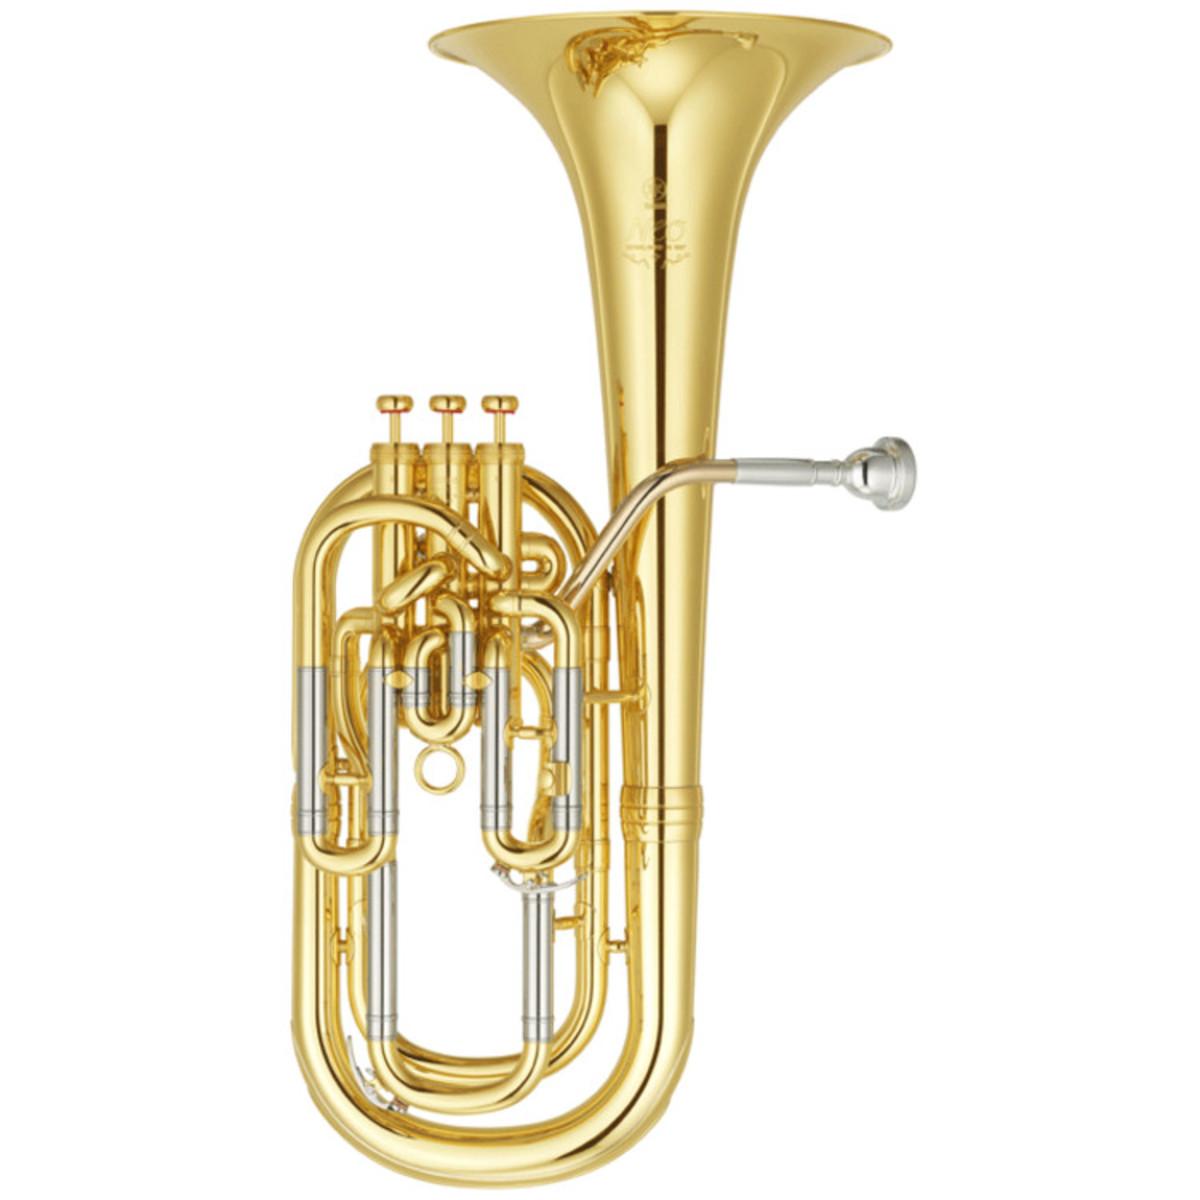 Yamaha YBH831 Neo Baritone Horn, Gold at Gear4music.com